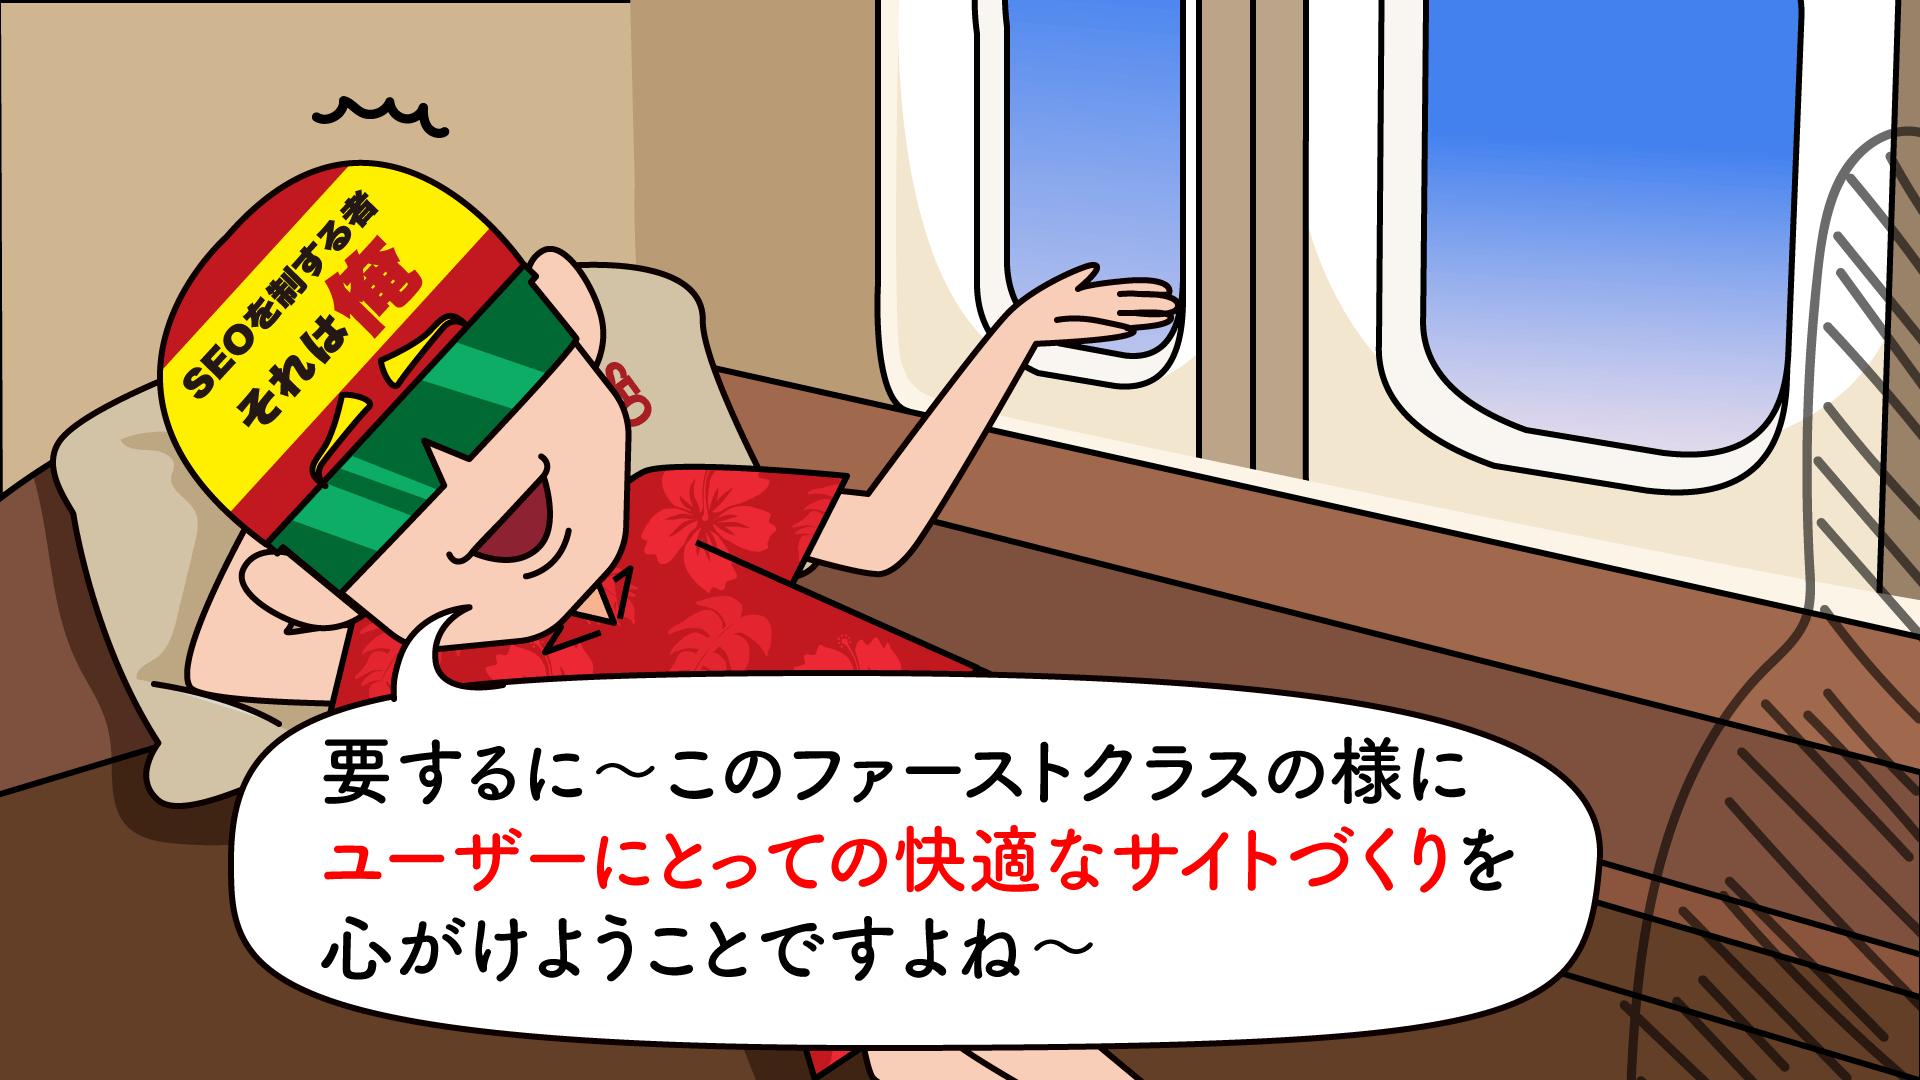 ユーザーファースト④‐漫画SEO用語集⑦